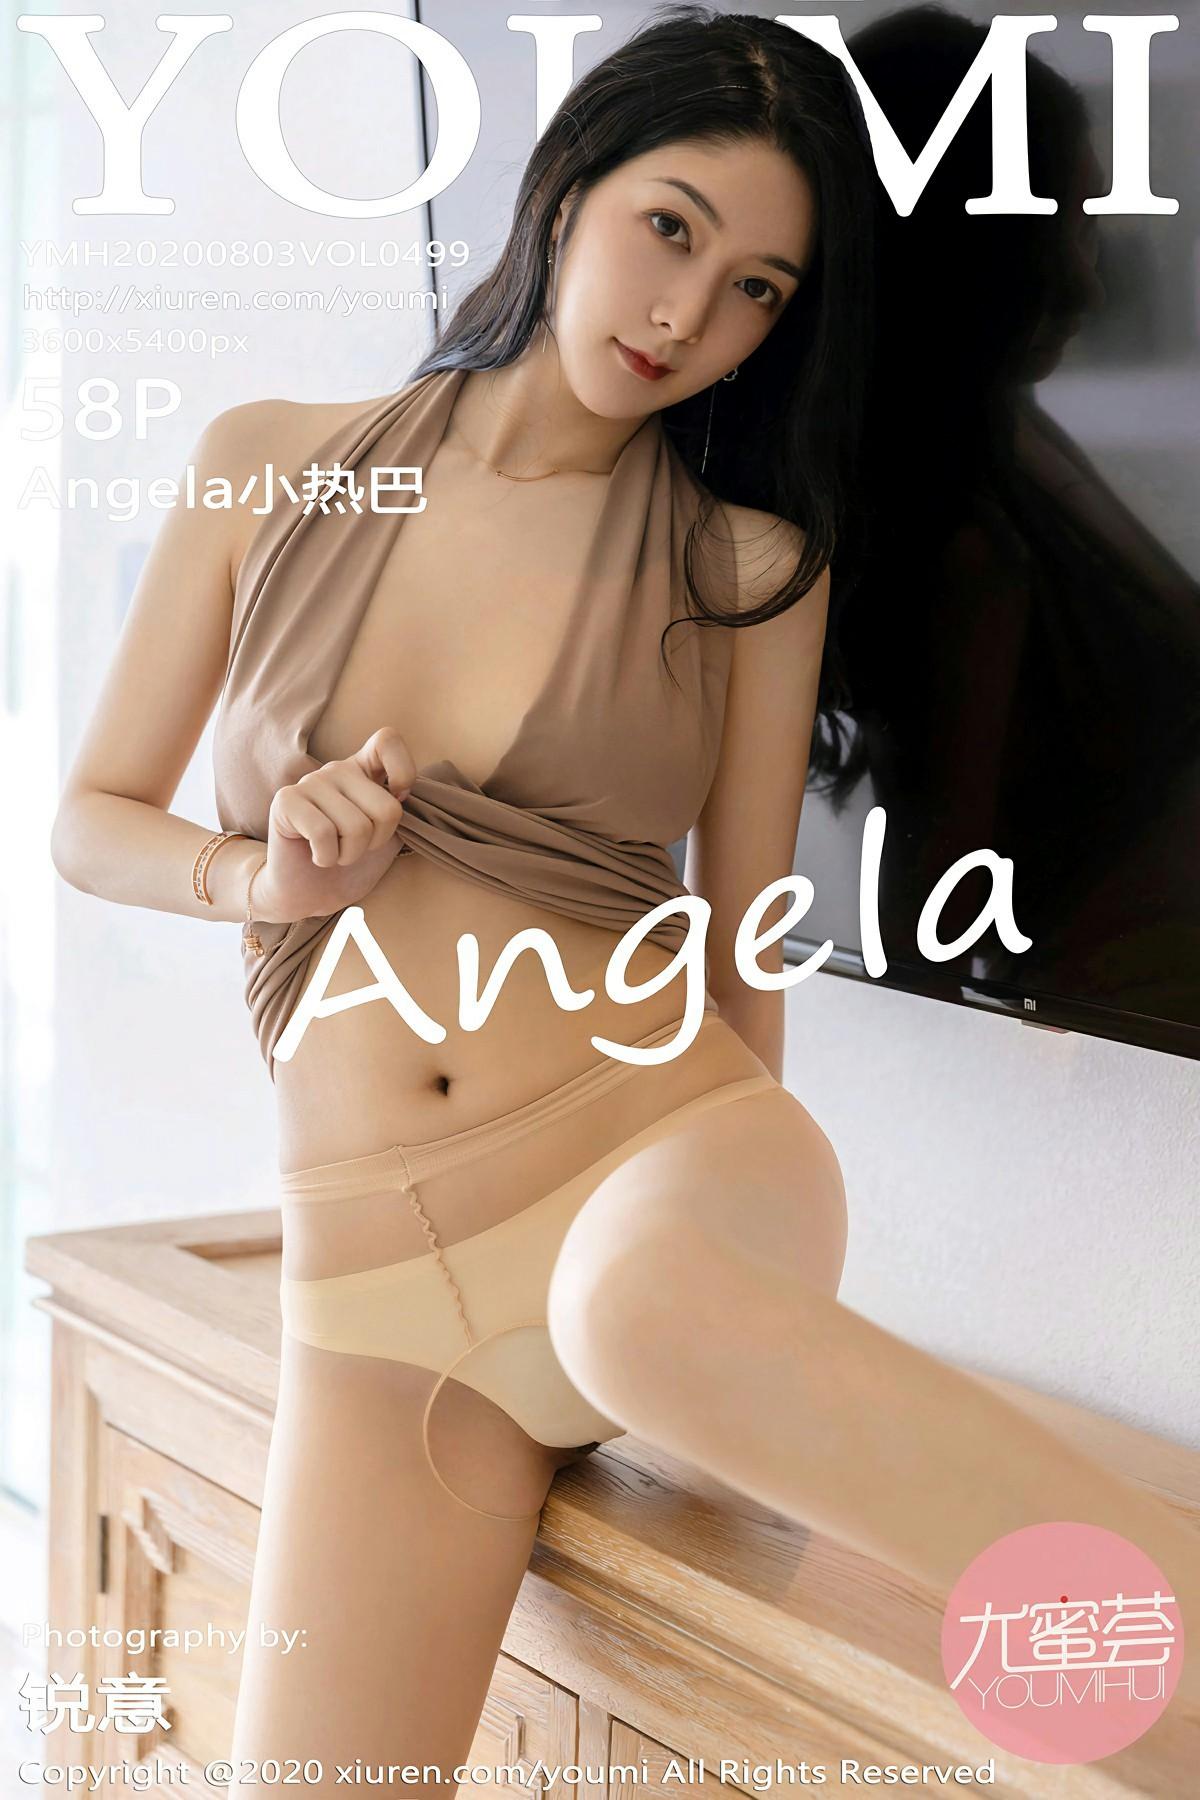 [YOUMI尤蜜荟] 2020.08.03 VOL.499 Angela小热巴 第1张